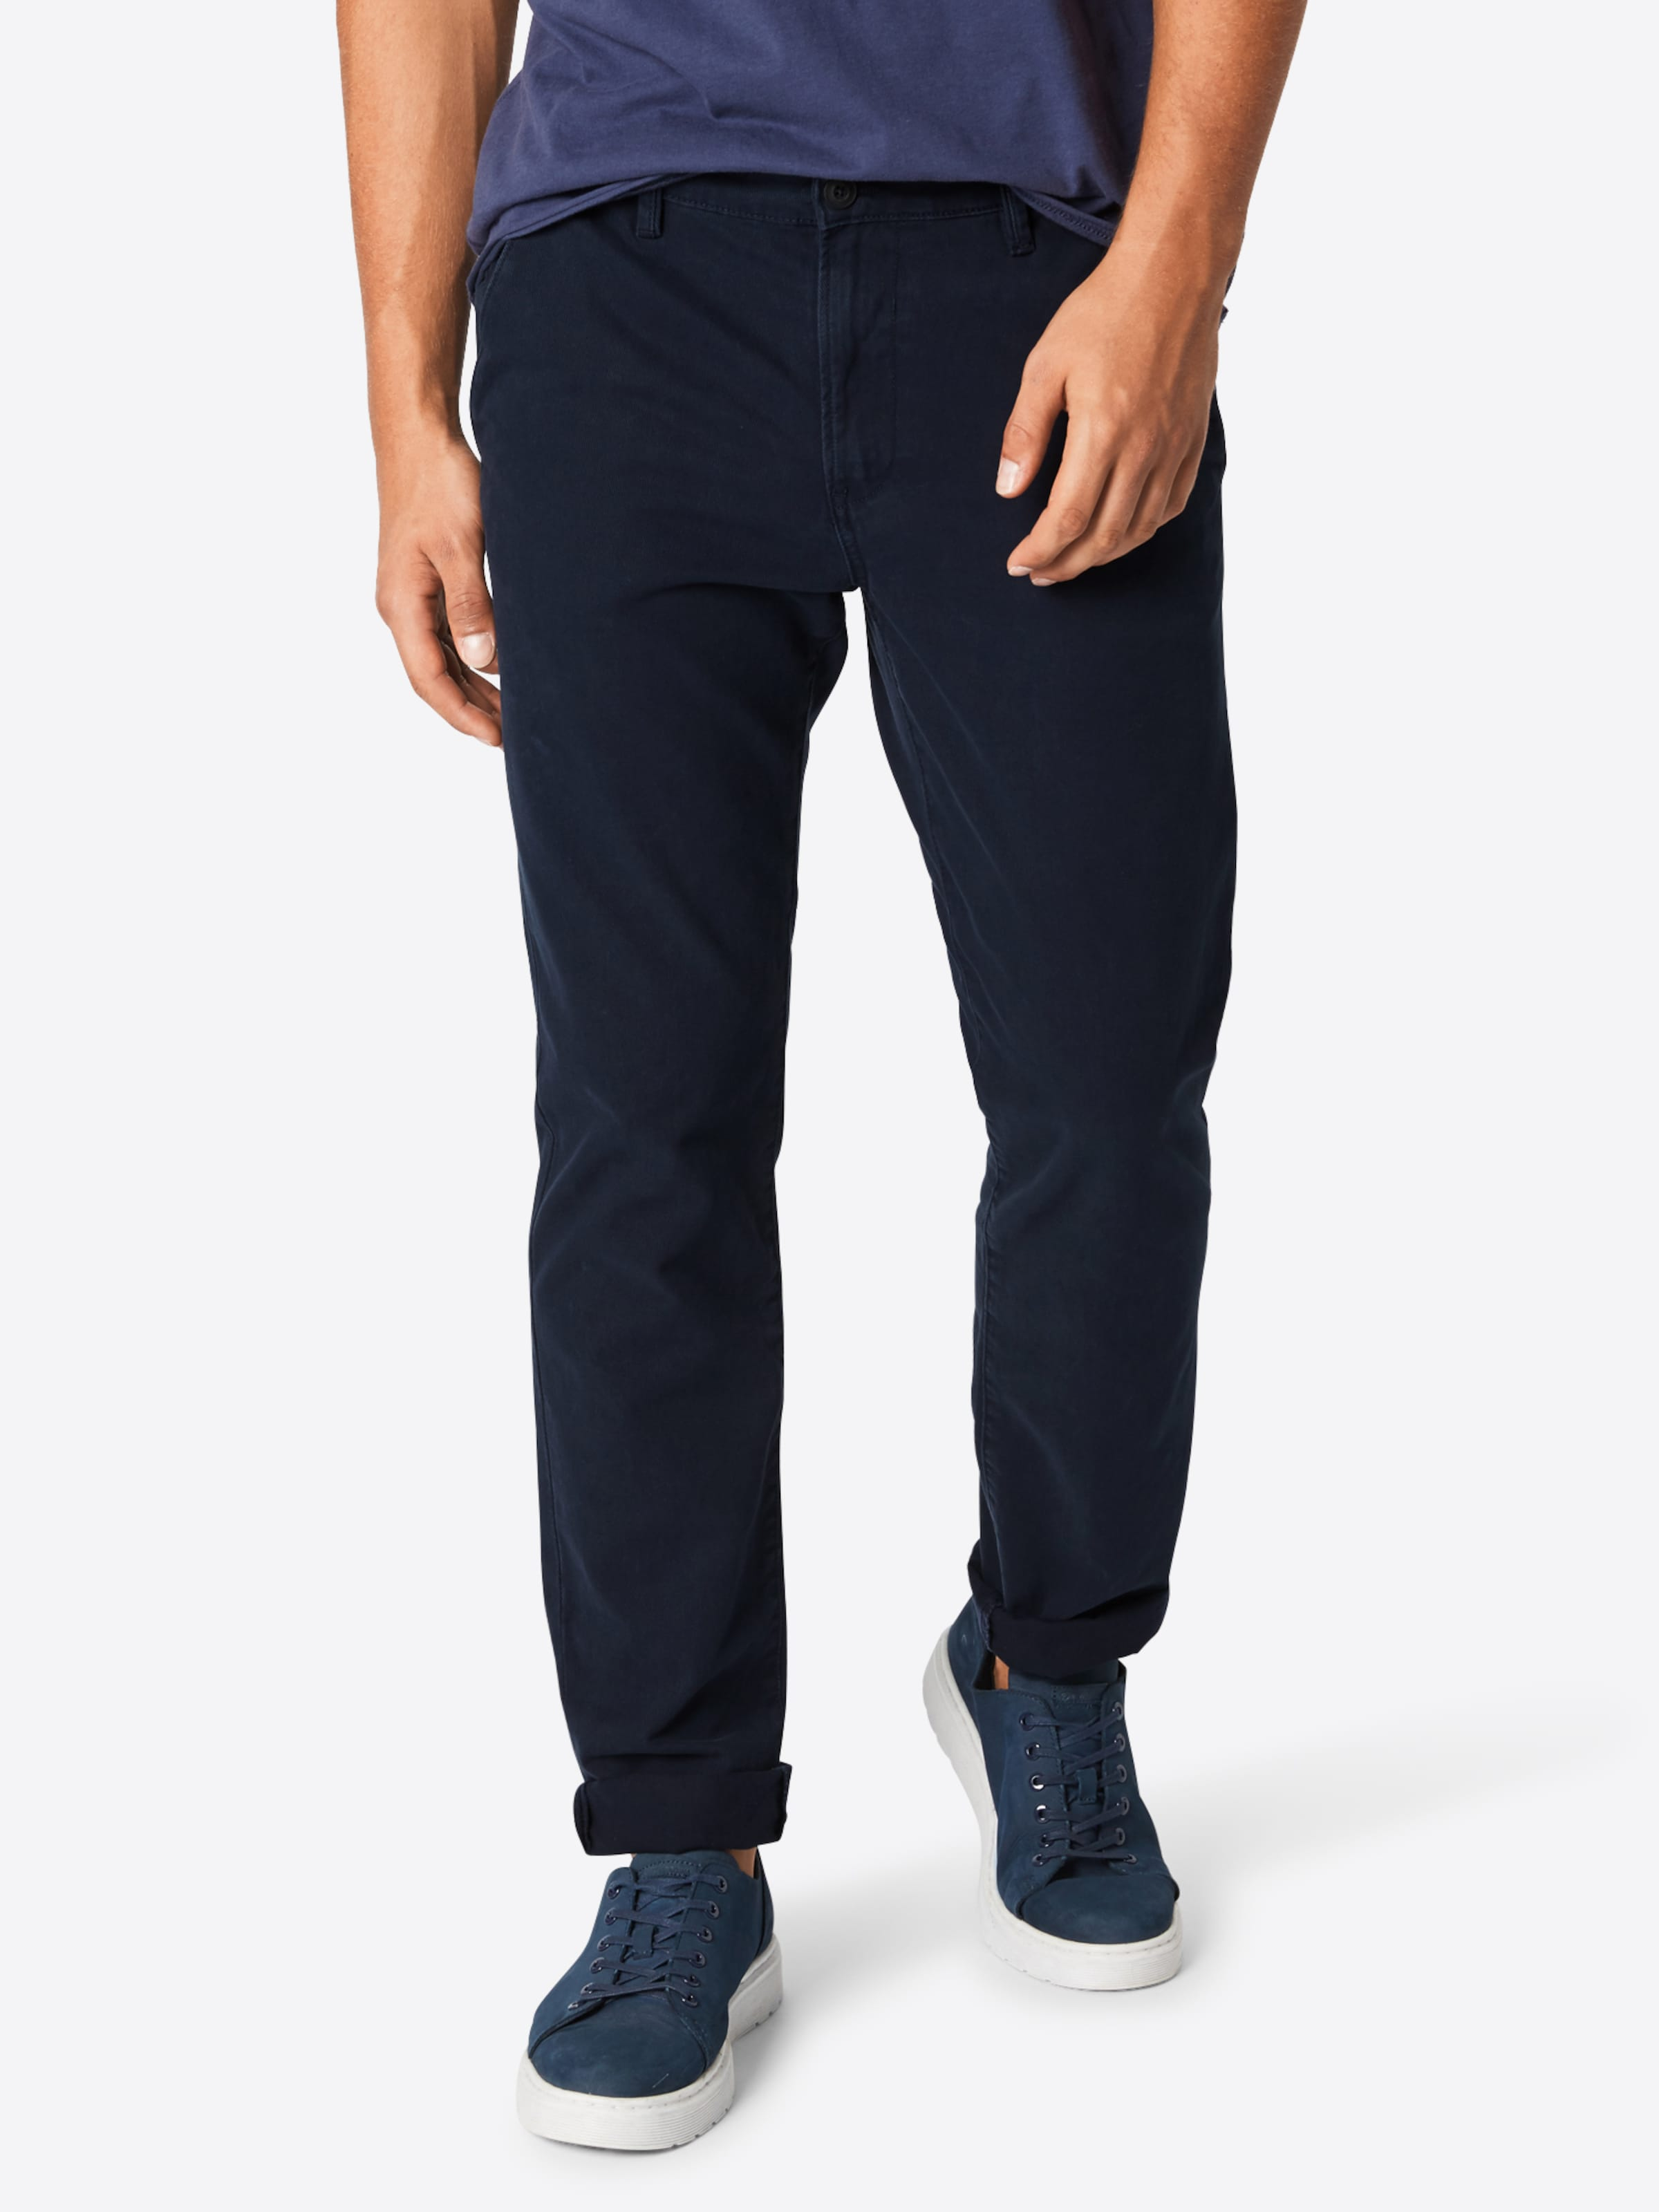 Tailor Bleu Foncé Pantalon Denim En Tom Chino clFK1J